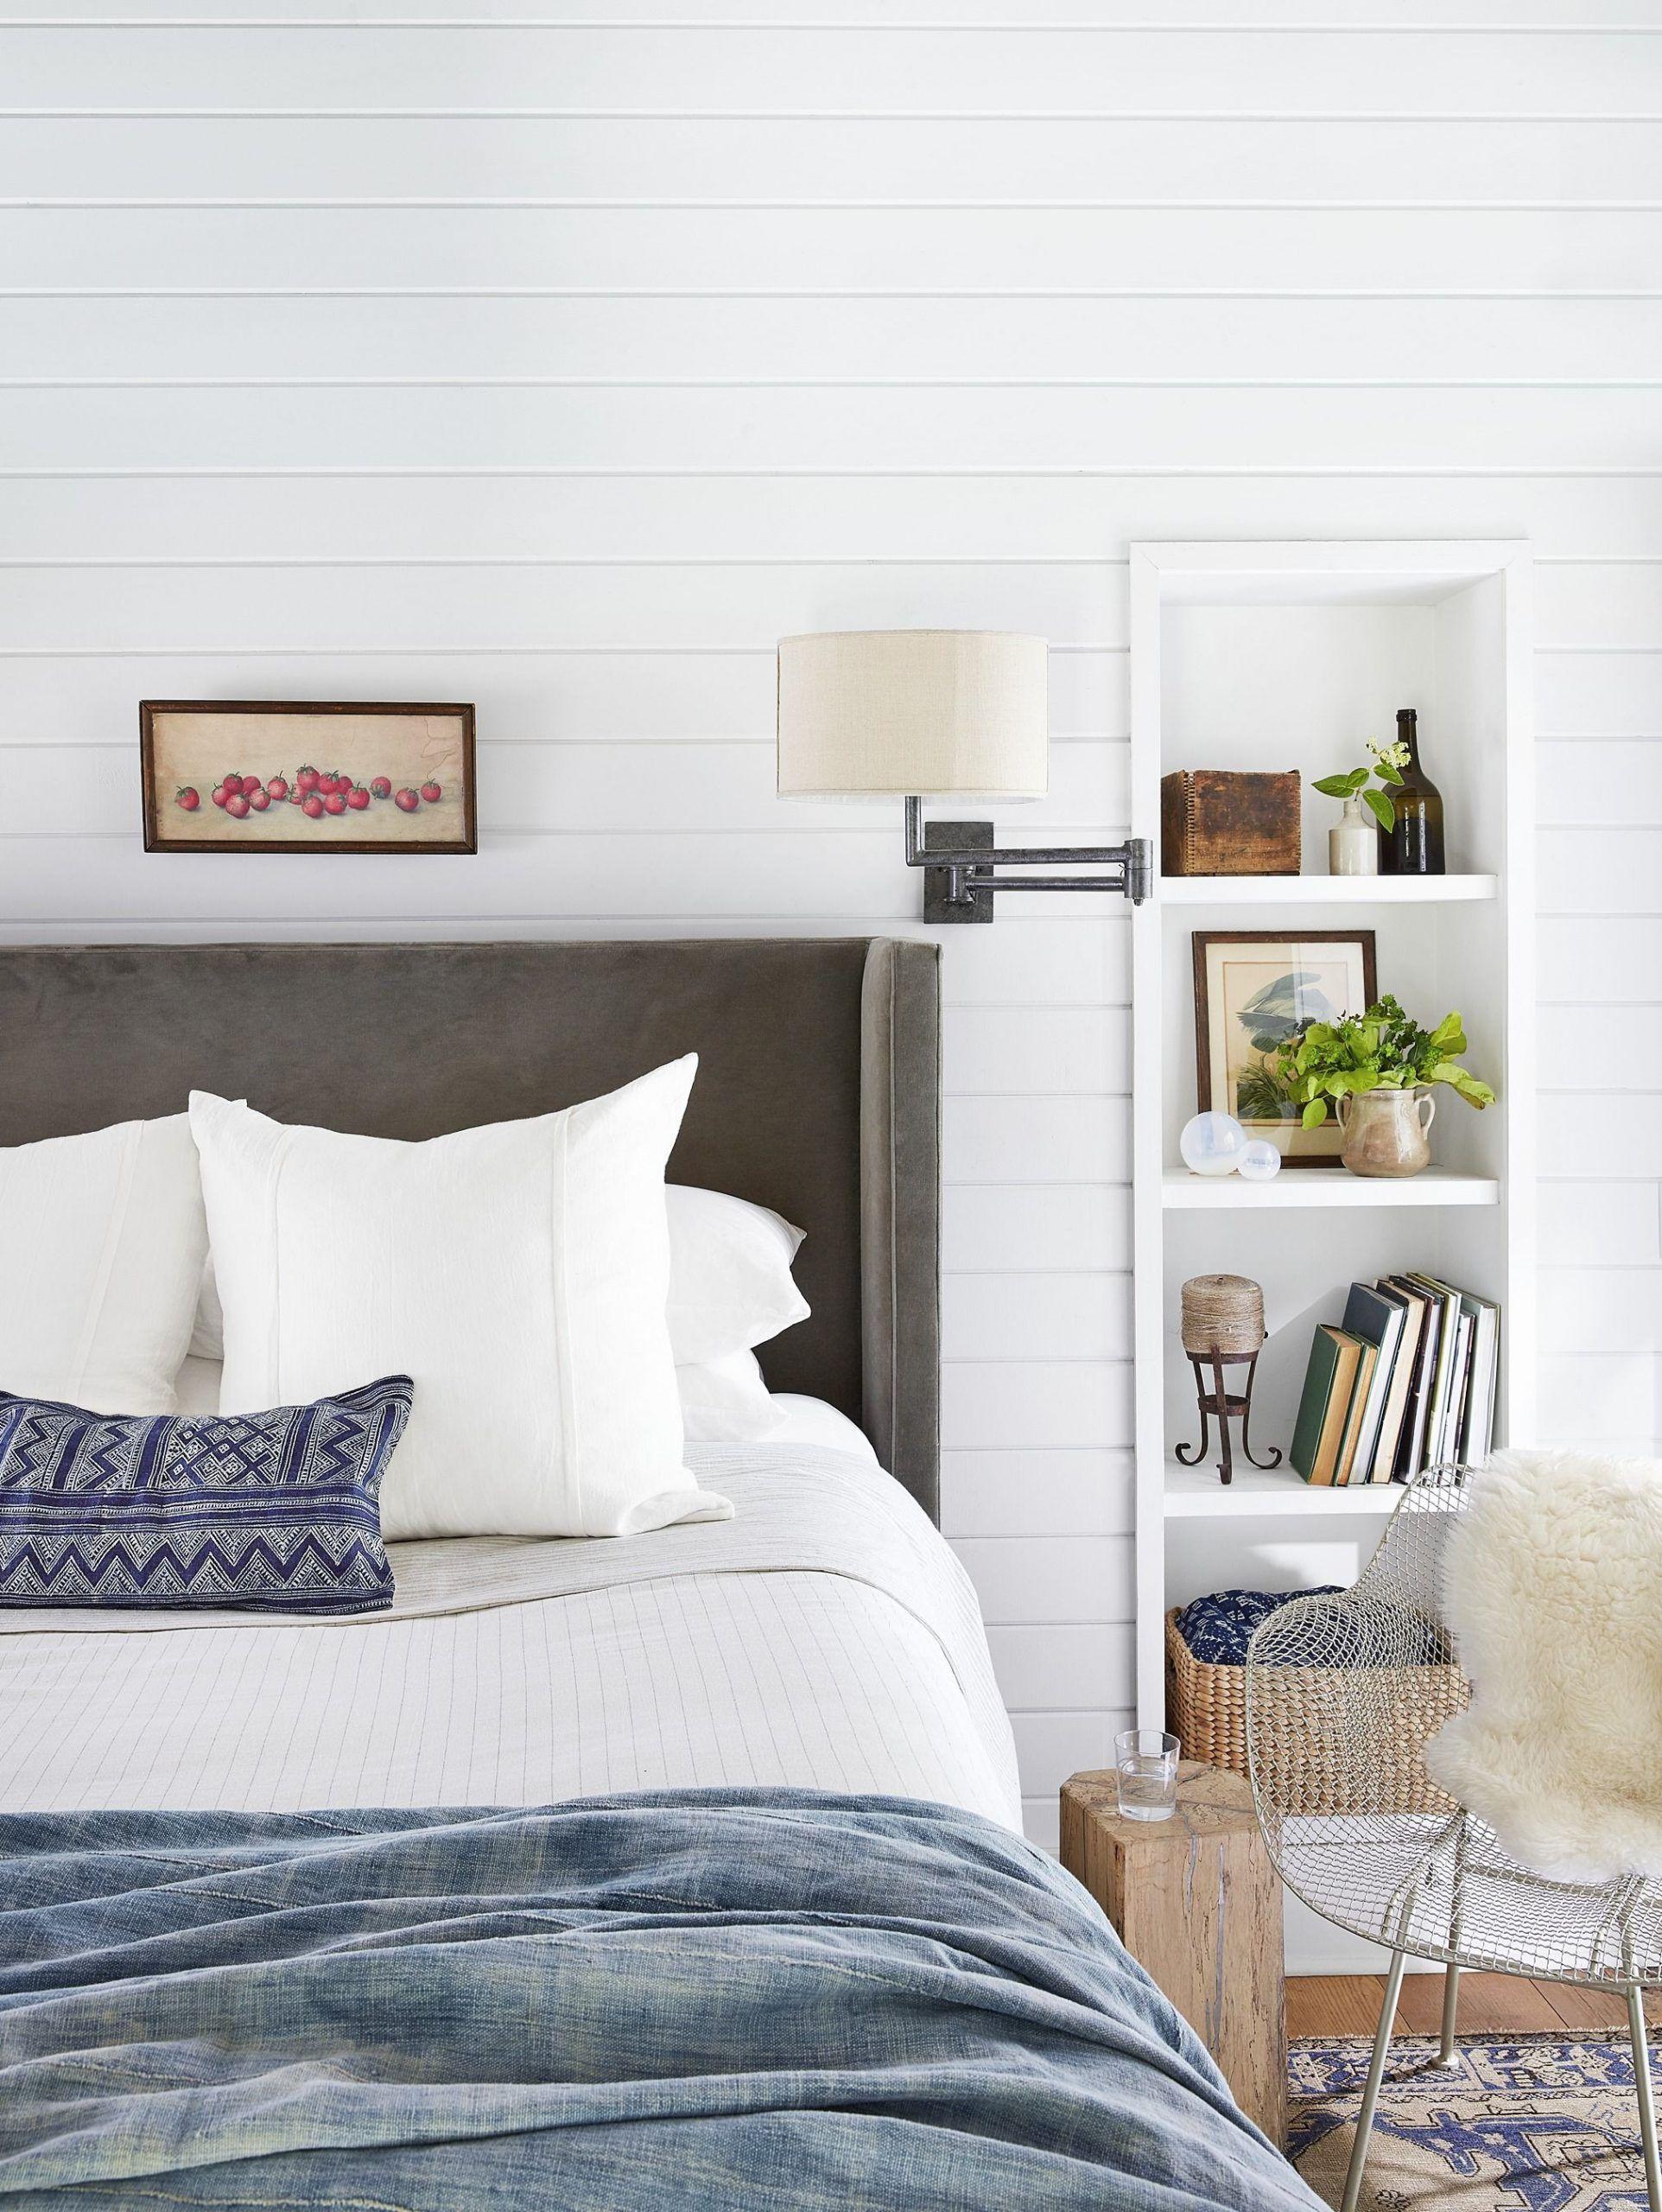 Antique White Bedroom Furniture Decorating Ideas 45 Best White Bedroom Ideas How To Decorate A Whi Home Decor Small Bedroom Ideas For Women Small Bedroom Decor